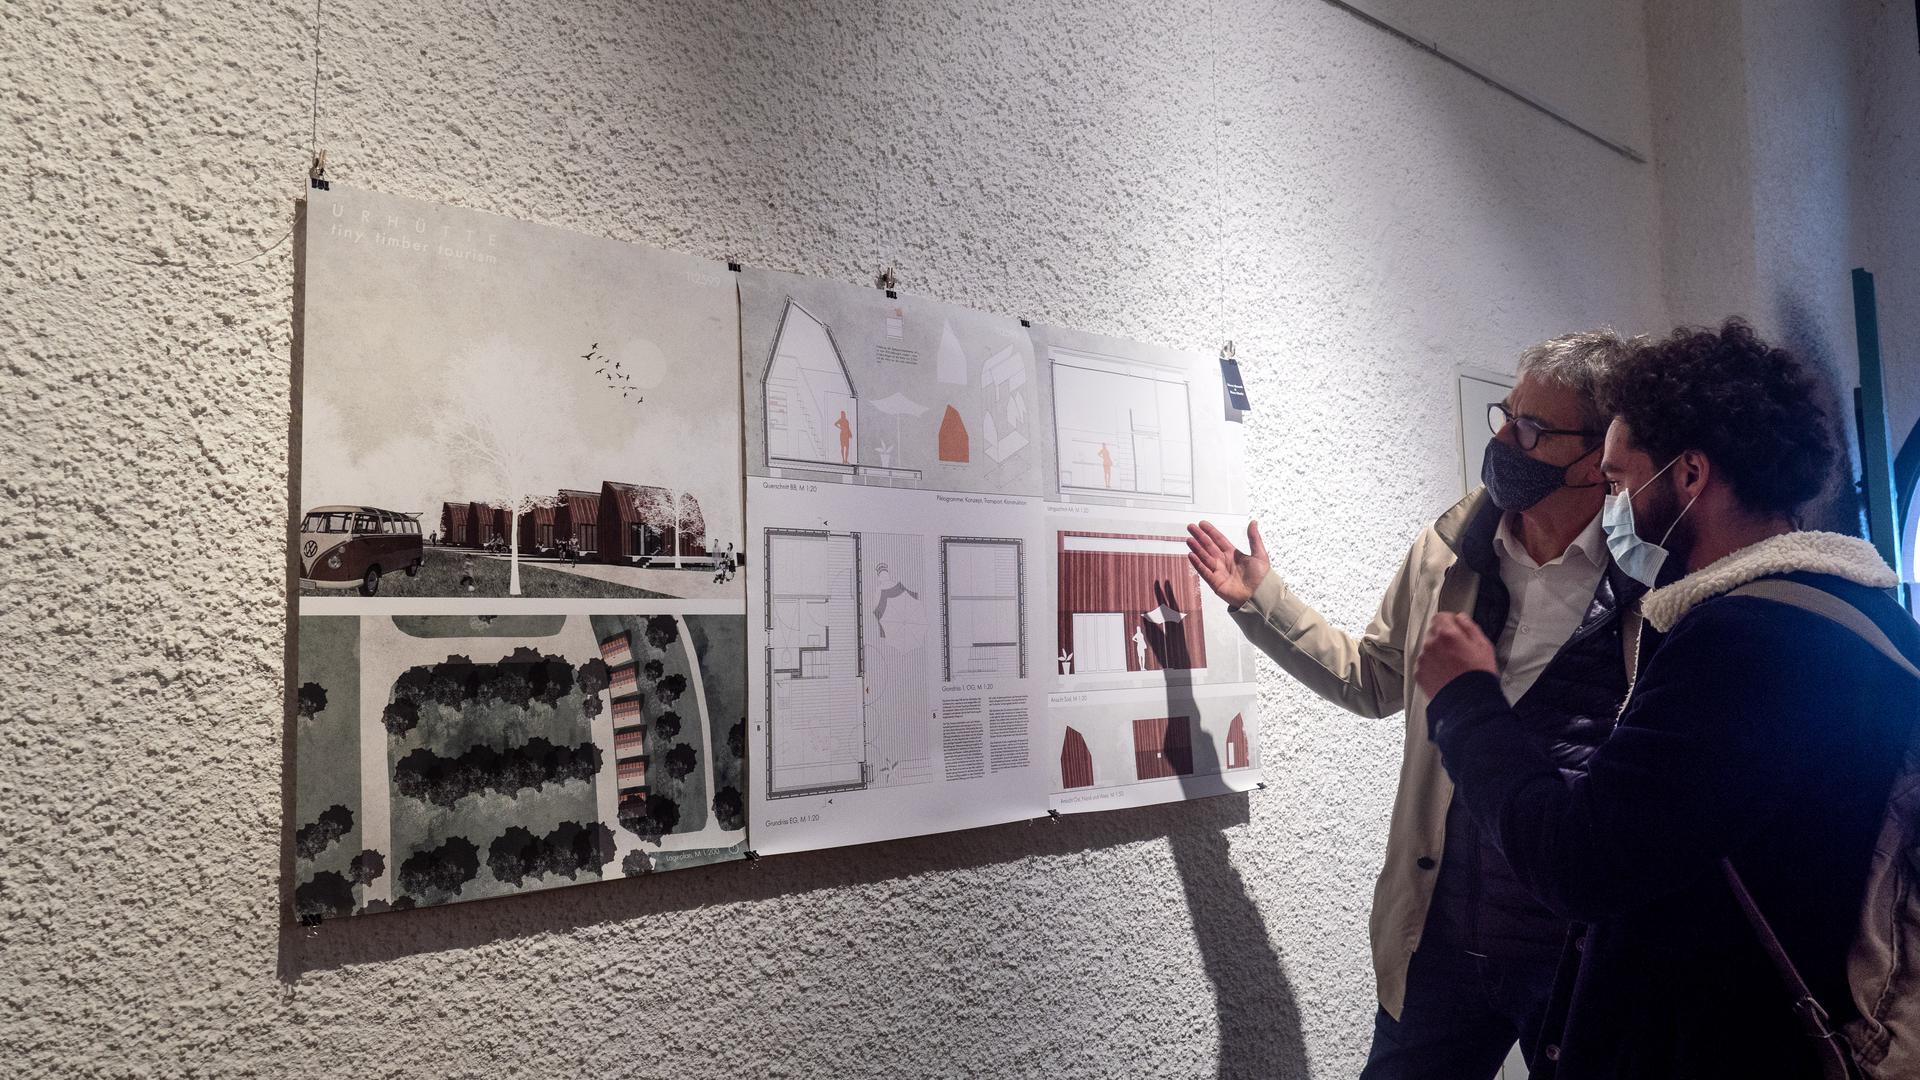 Tiny House für Durlach: In einem Wettbewerb im Fach Architektur am KIT haben Studierende Tiny Houses für den Durlacher Campingplatz entworfen. KIT-Professor Ludwig Wappner und Preisträger Mena Ghaly (von links) erklären den Siegerentwurf.